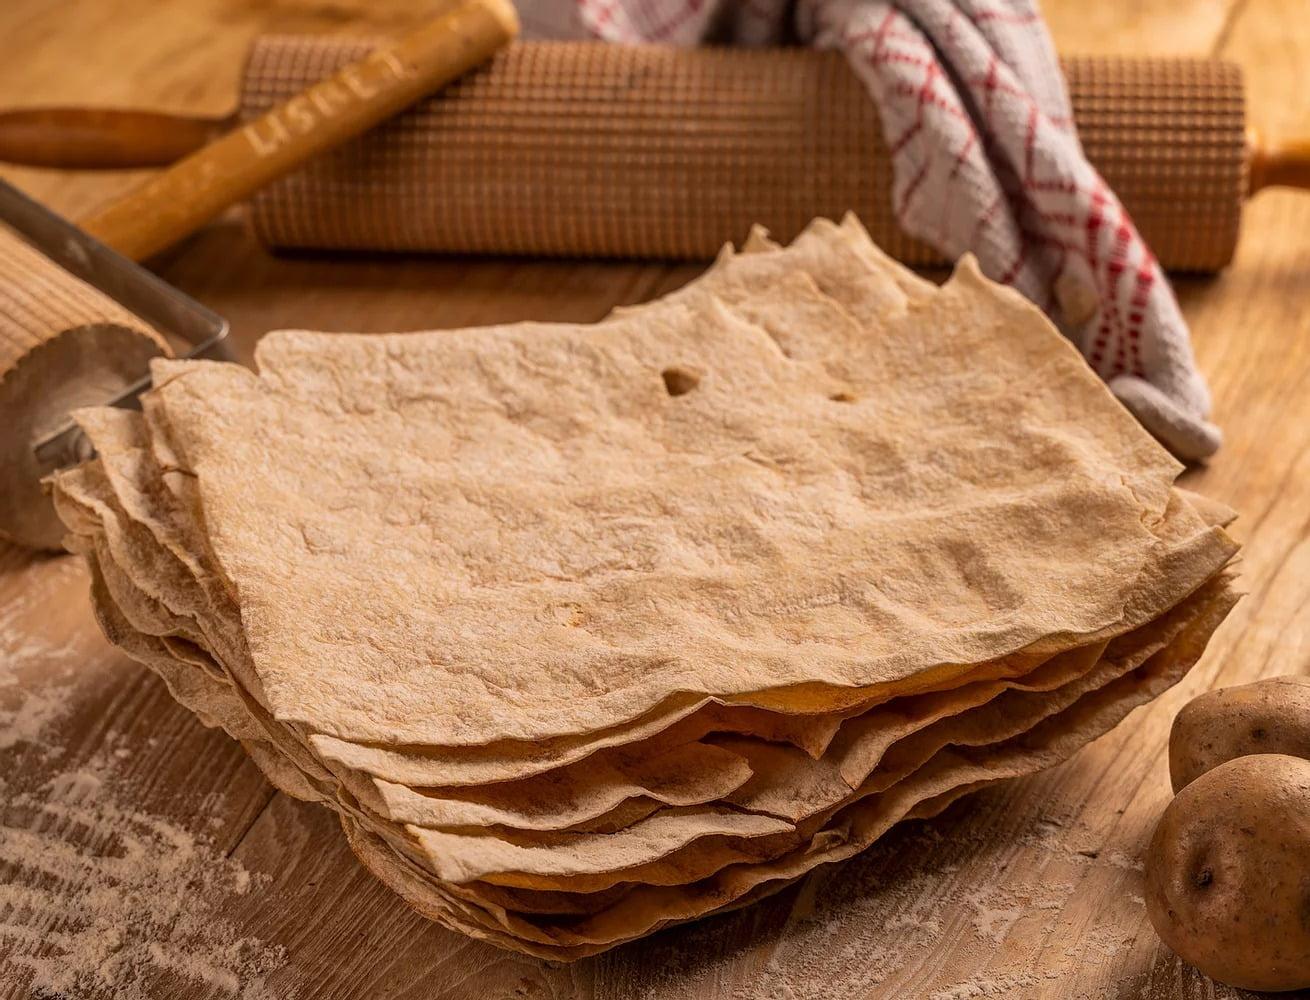 Natural material, Food, Ingredient, Wood, Textile, Dish, Cuisine